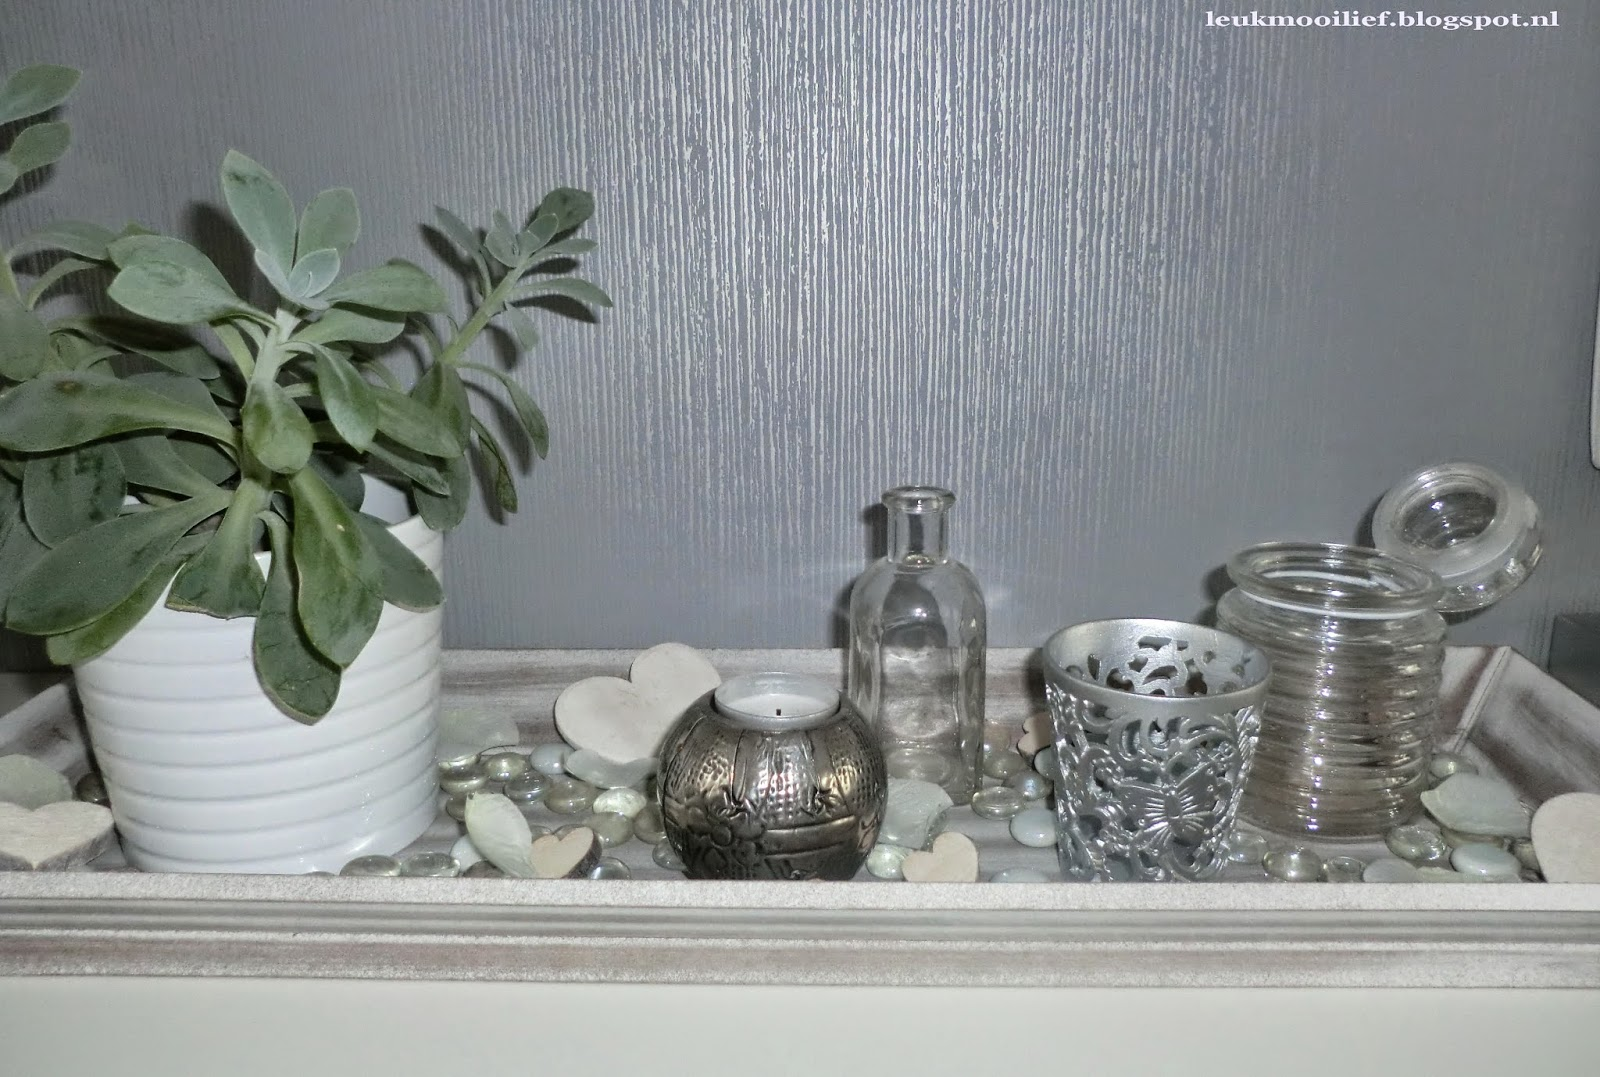 Leuk mooi lief decoratie variatie - Wat op een salontafel ...